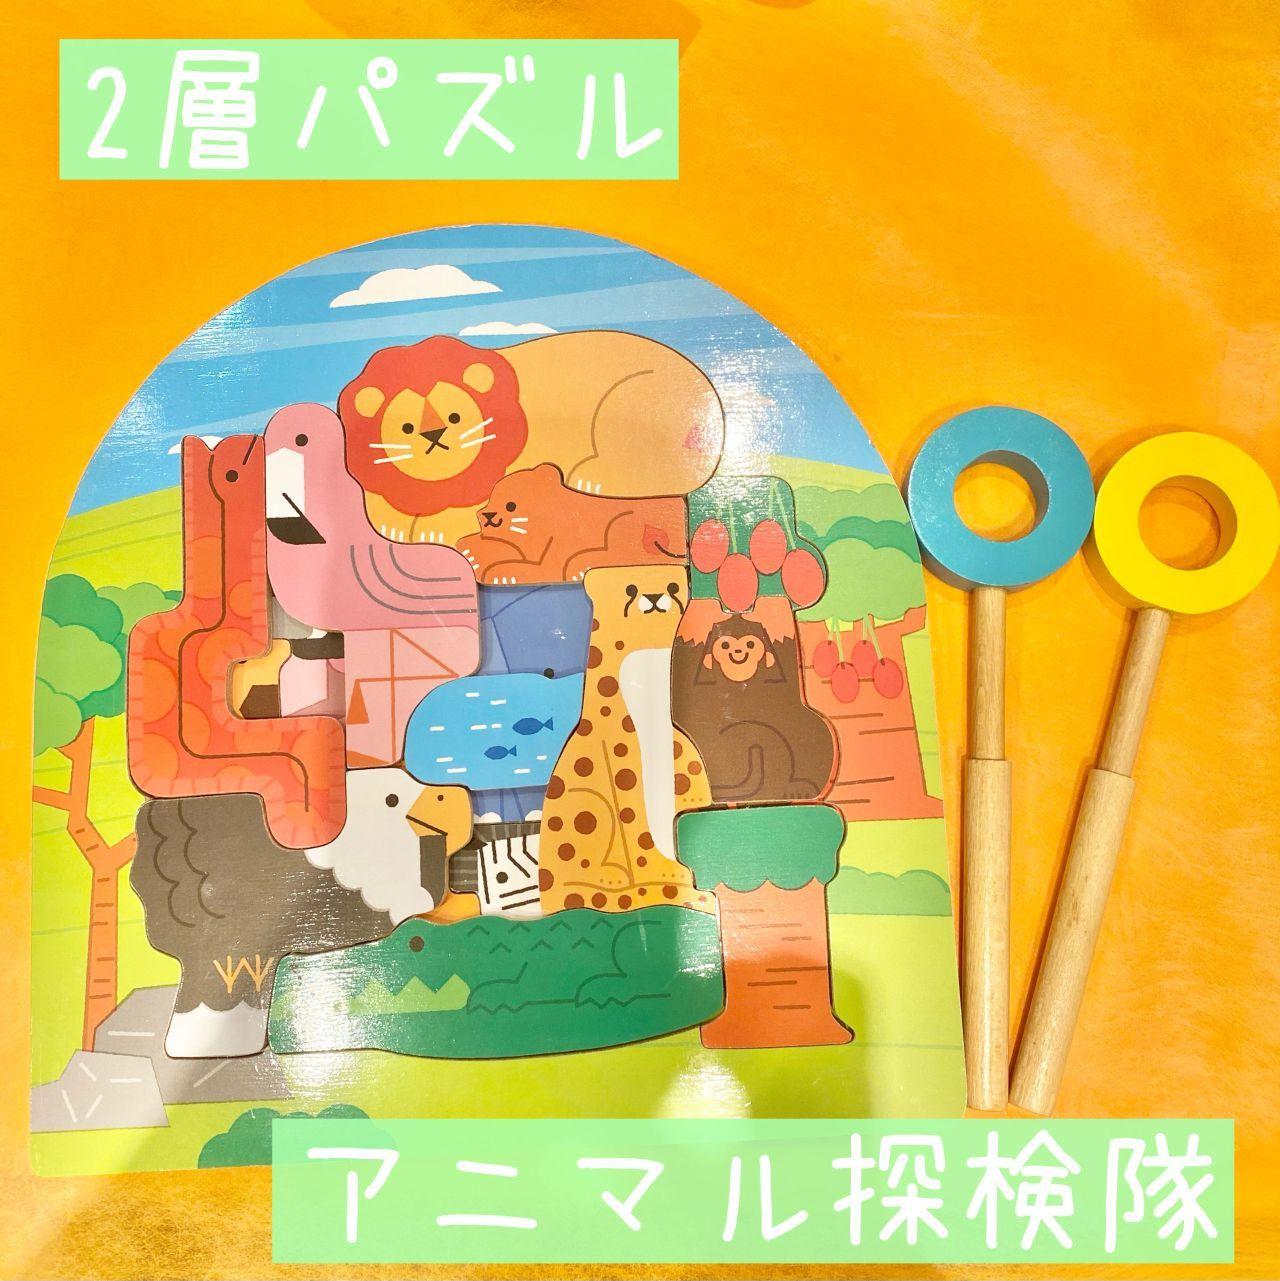 「【新商品】2層パズル アニマル探検隊」の写真